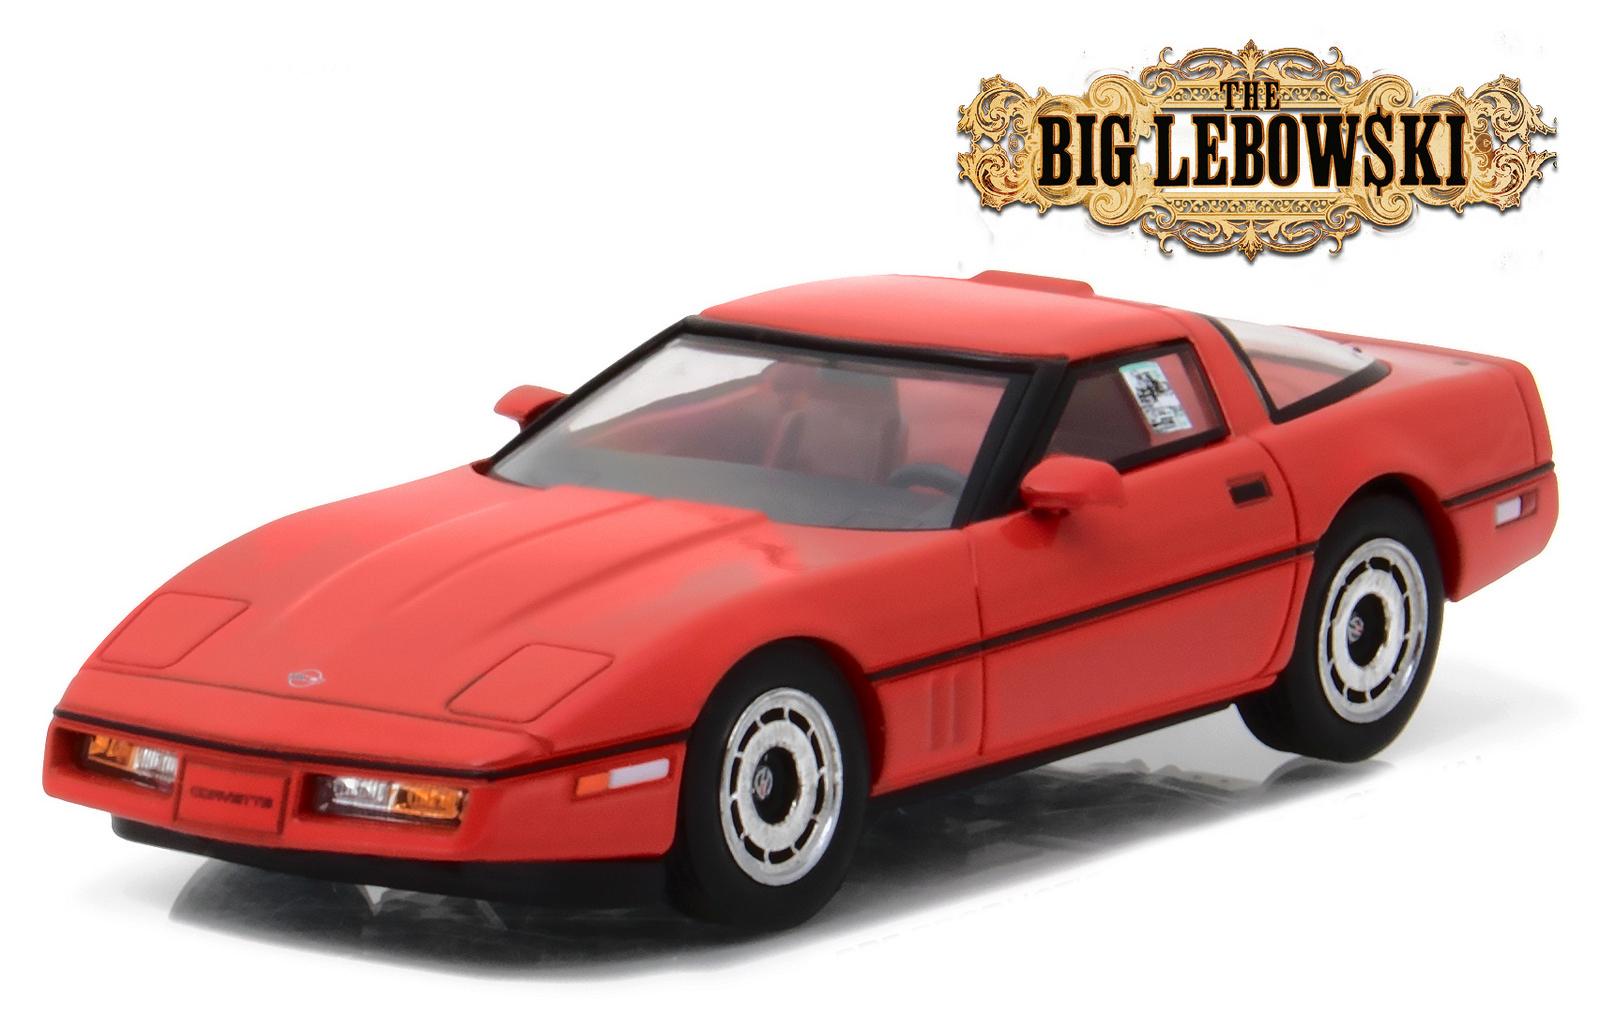 86497  Larry Sellers' 1985 Chevrolet Corvette C4, Greenlight